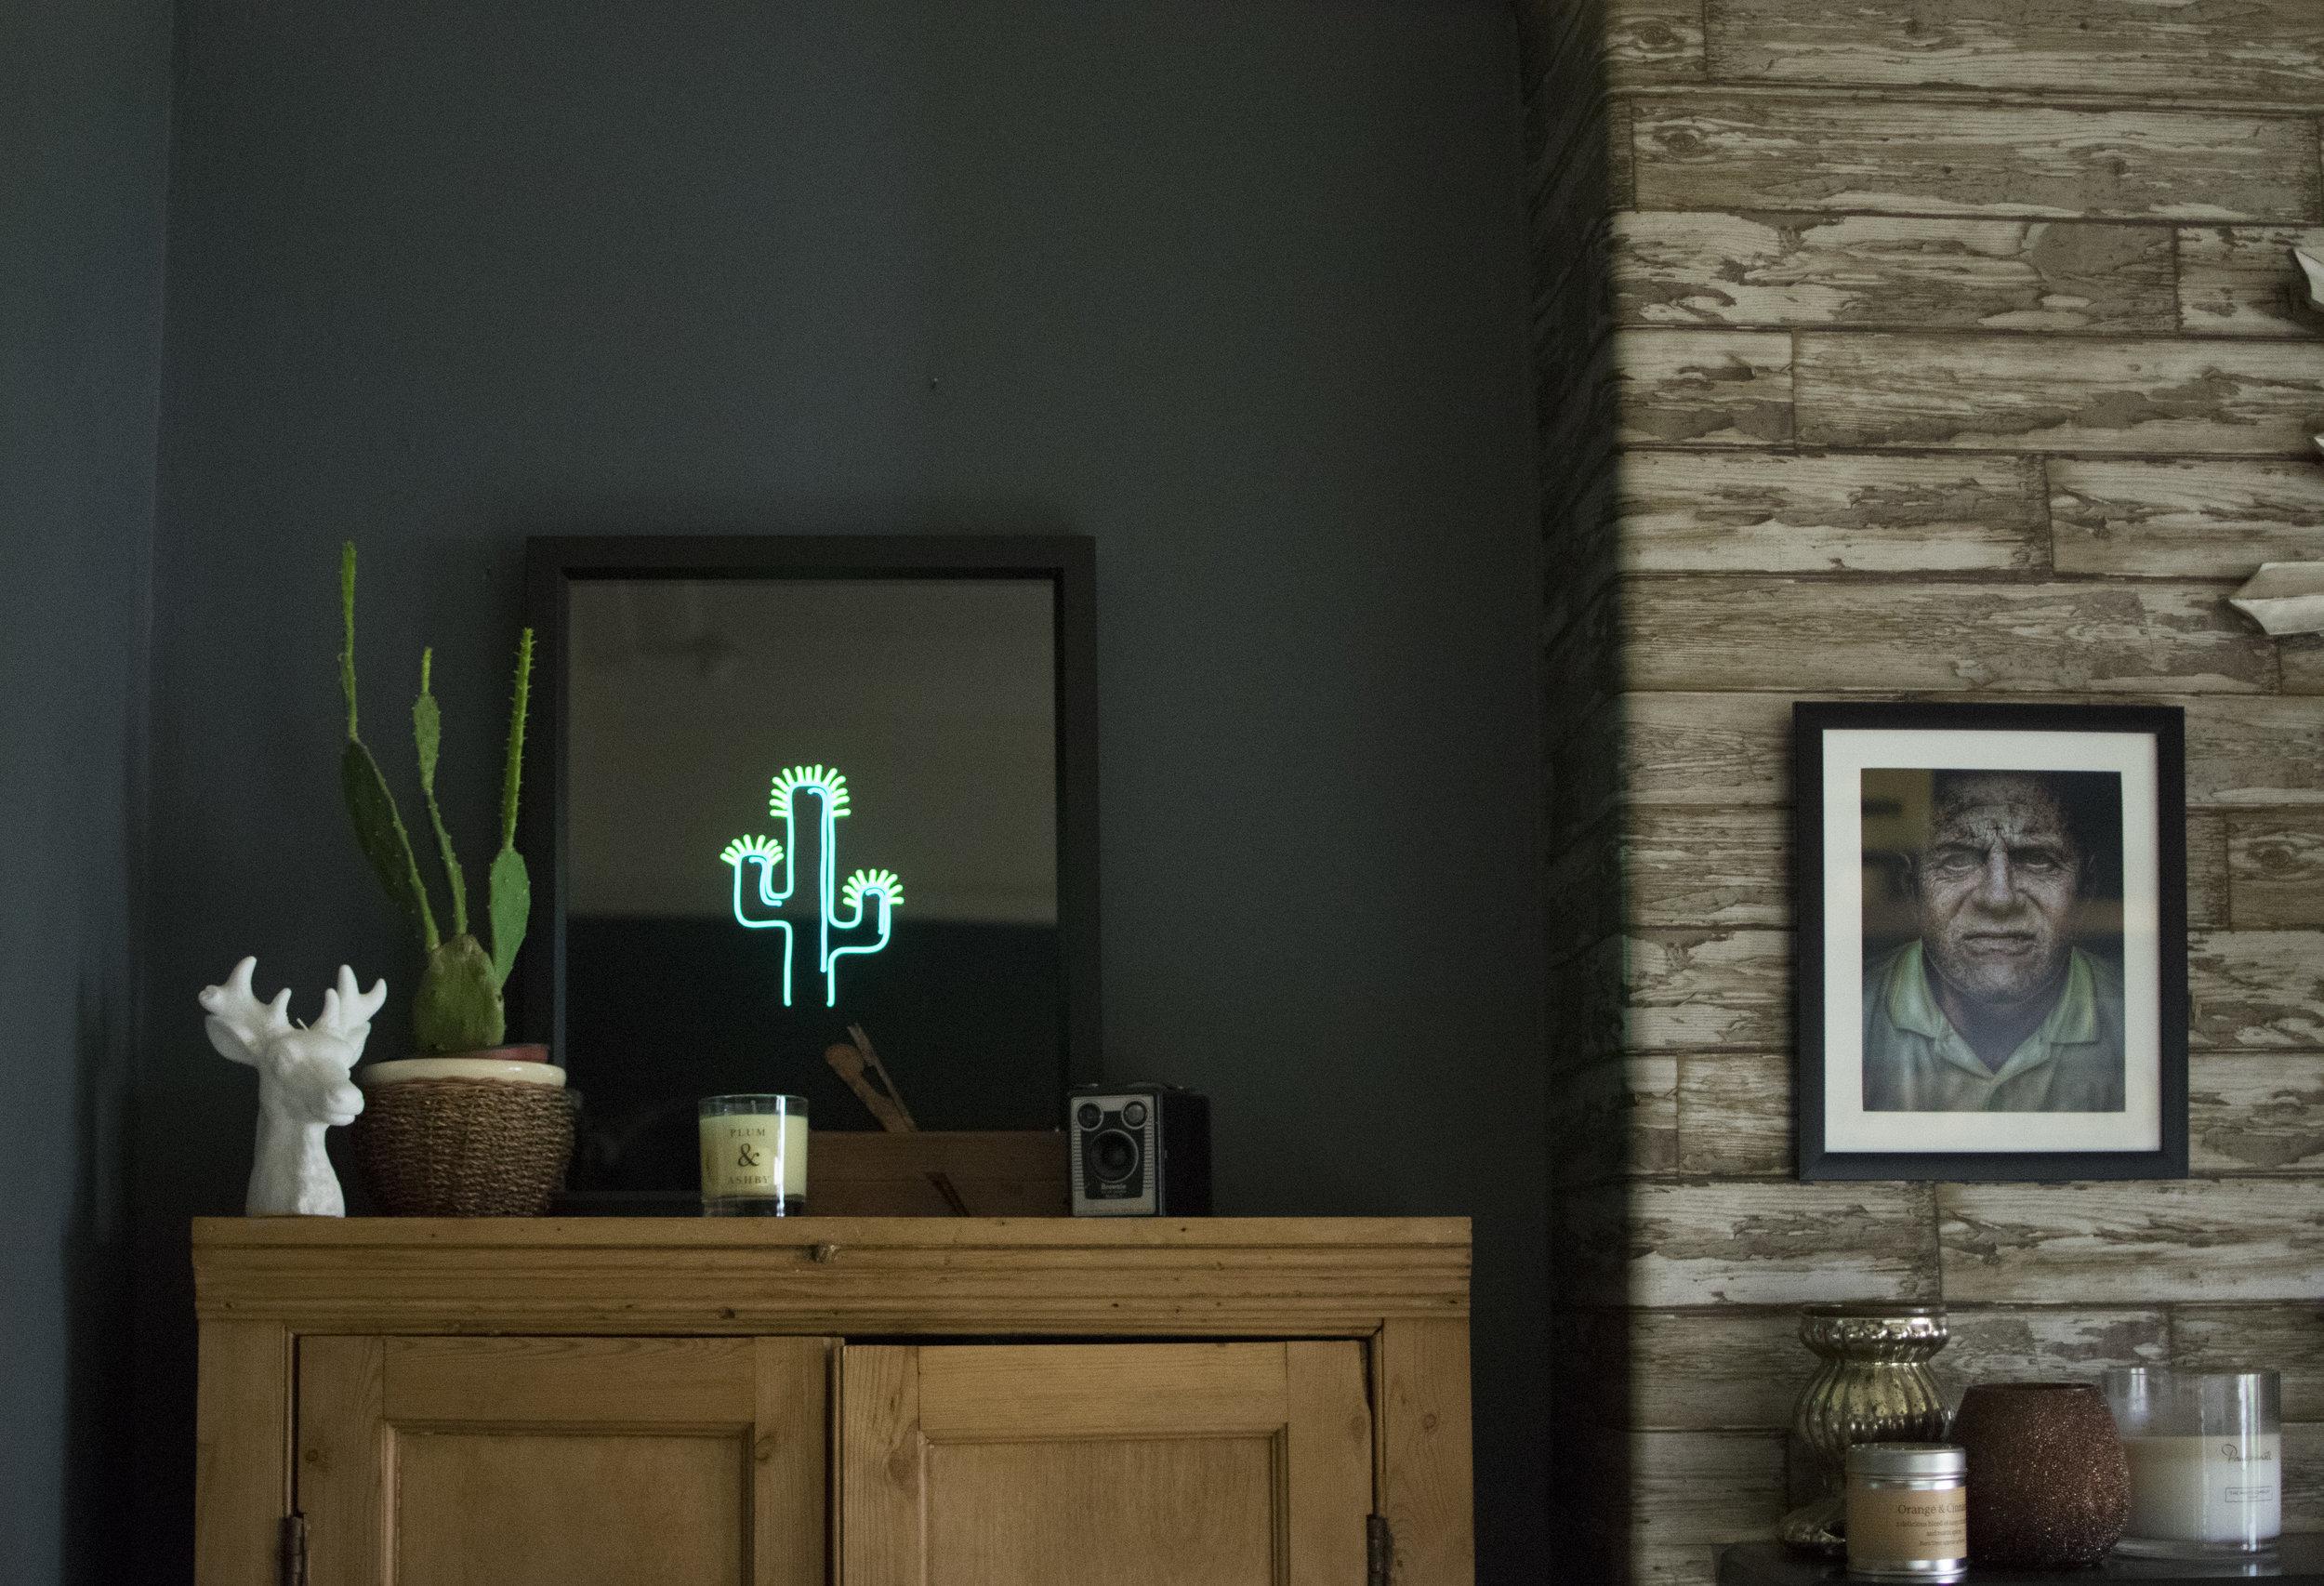 My Cactus neon